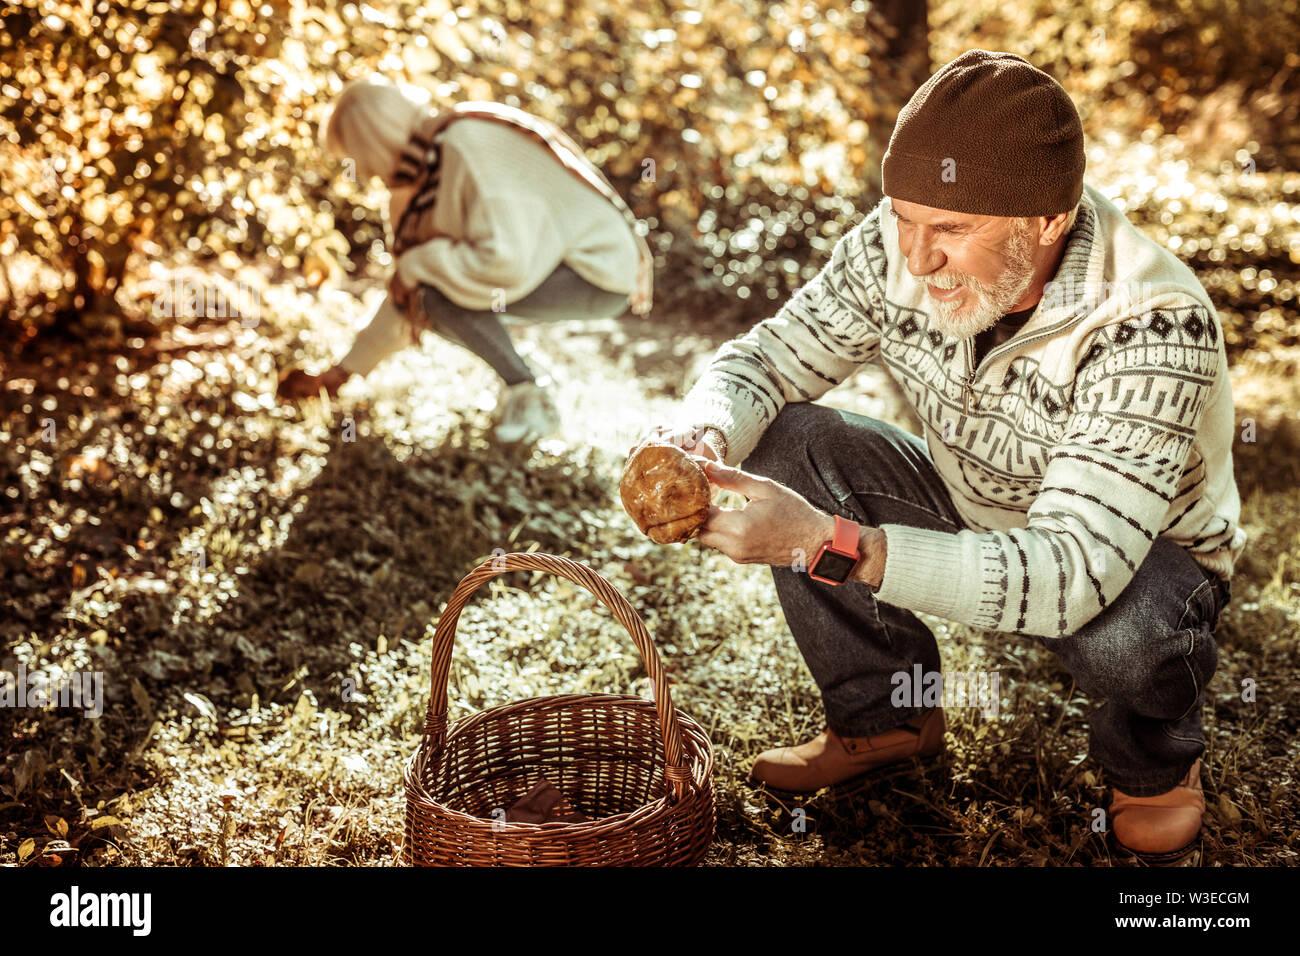 Couple de personnes âgées cueillette de champignons dans la forêt. Photo Stock